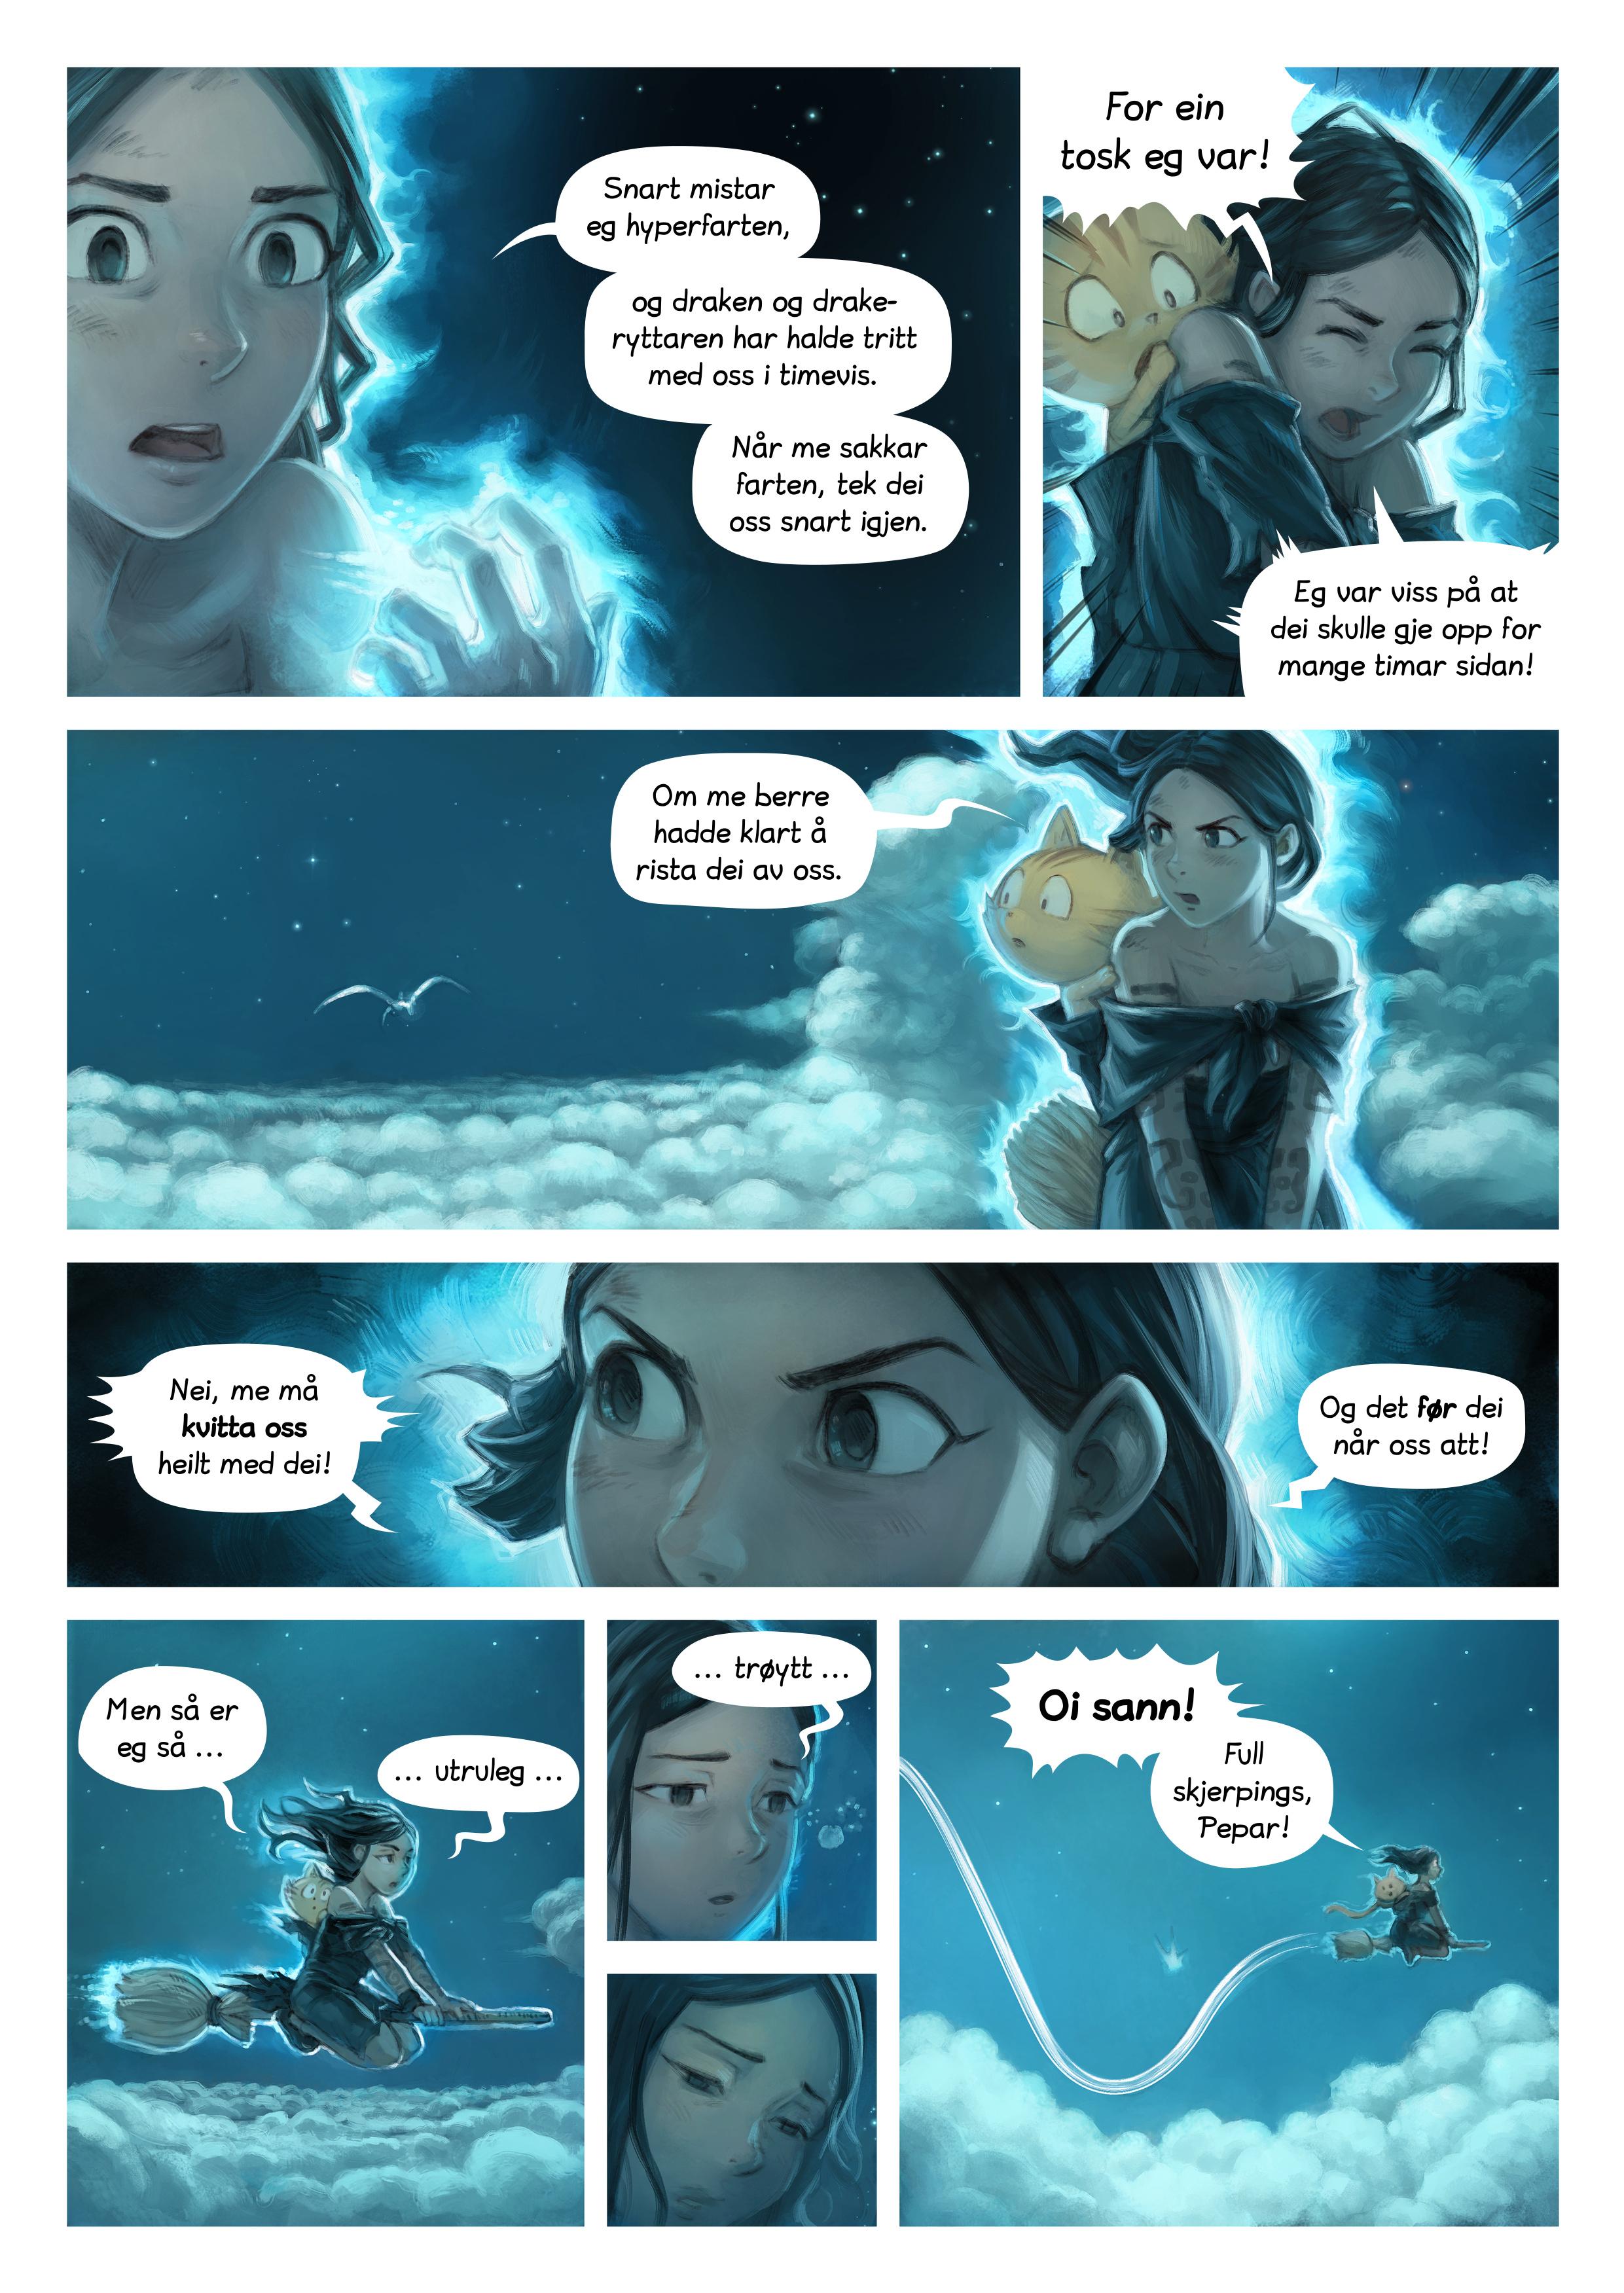 Episode 35: Refleksjonen, Side 2